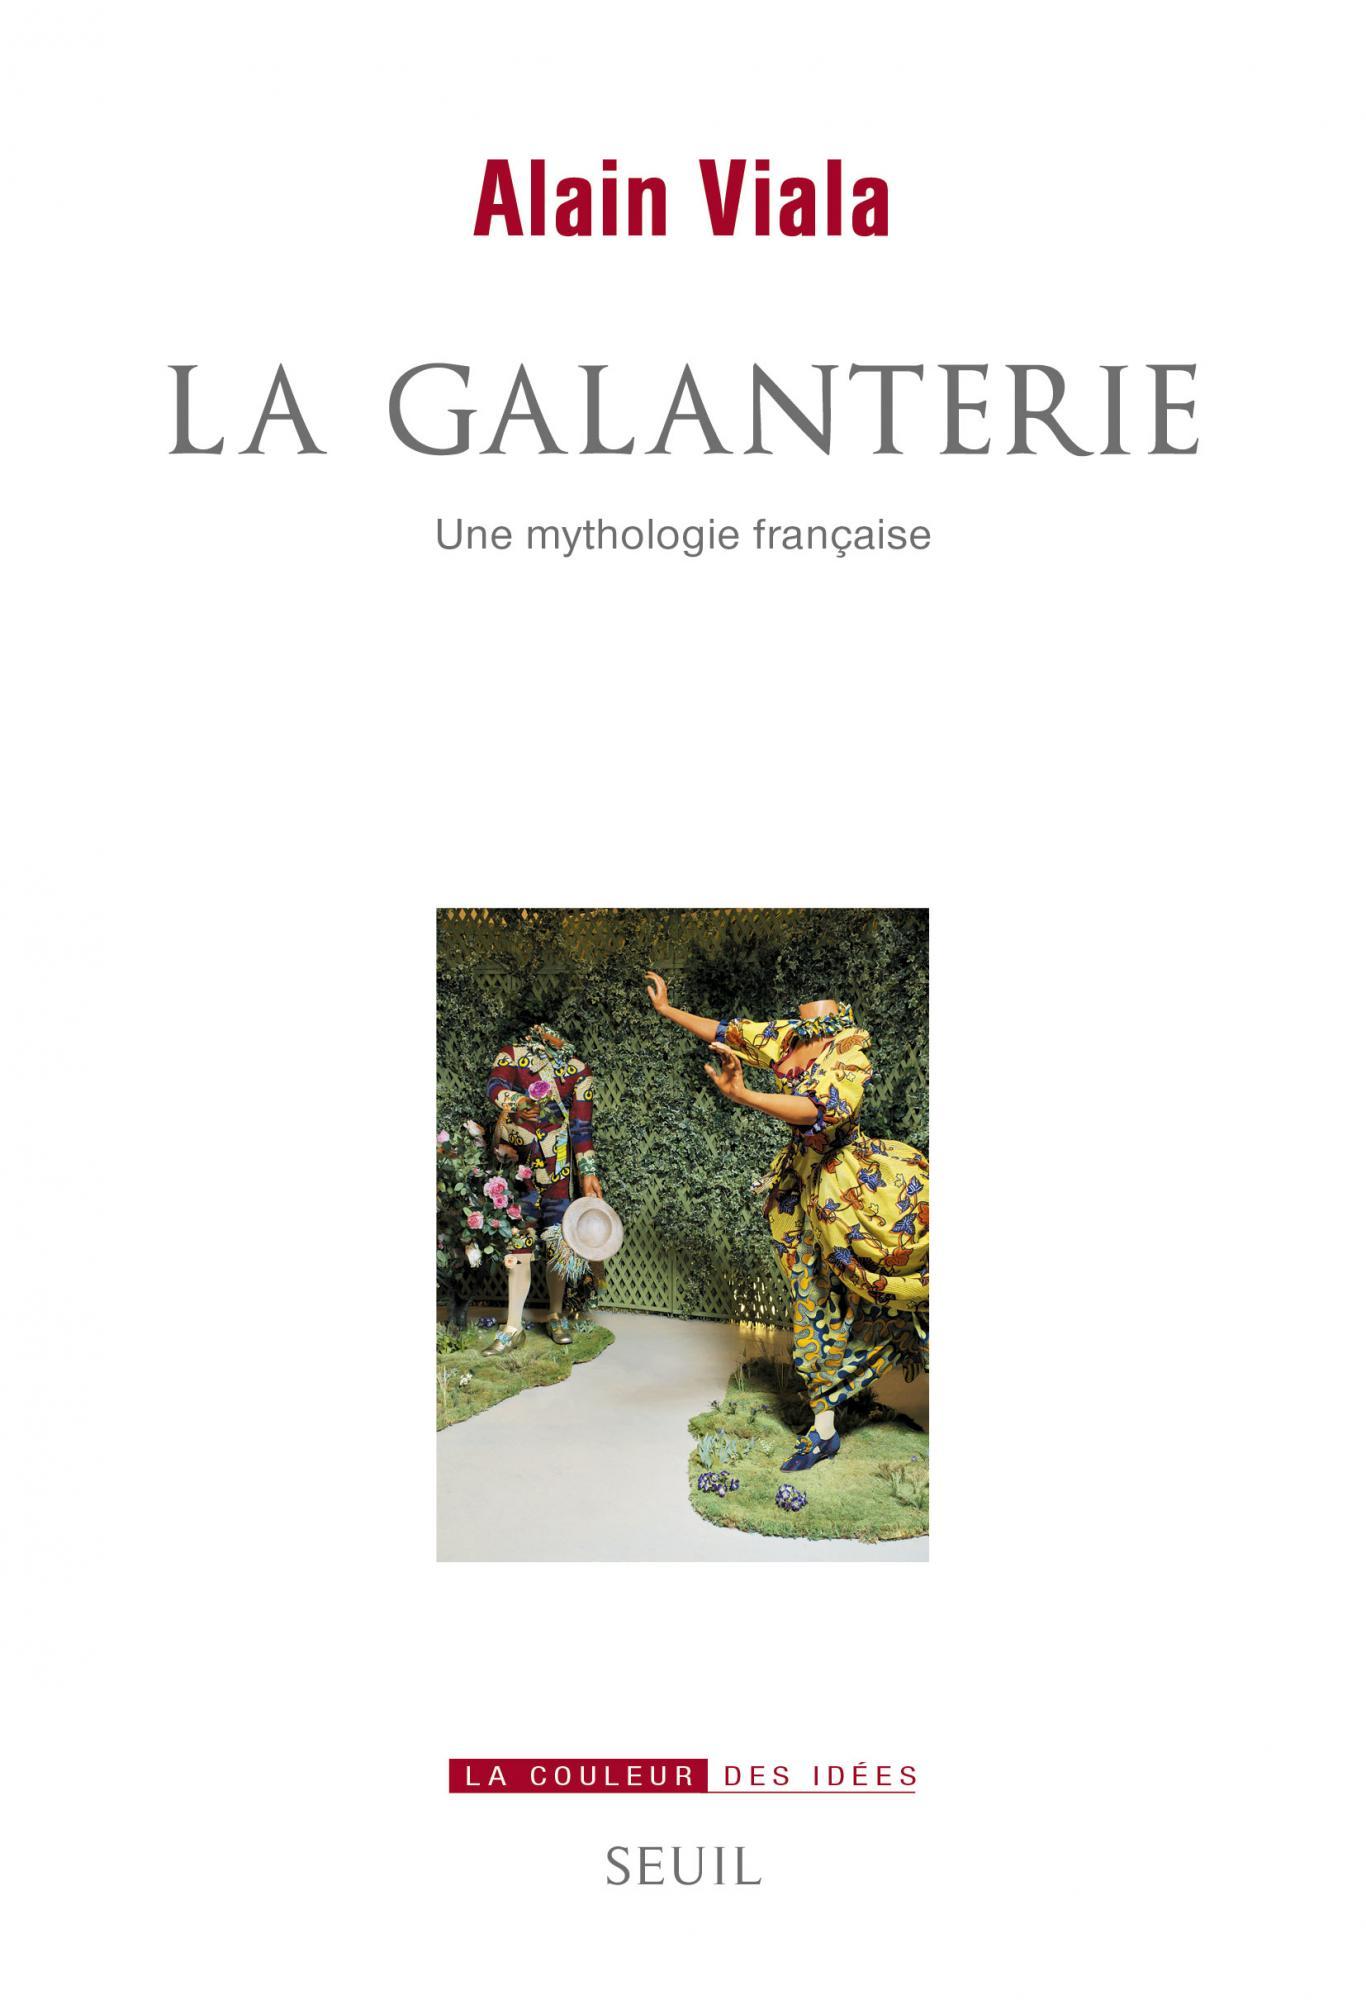 A. Viala, La Galanterie, une mythologie française